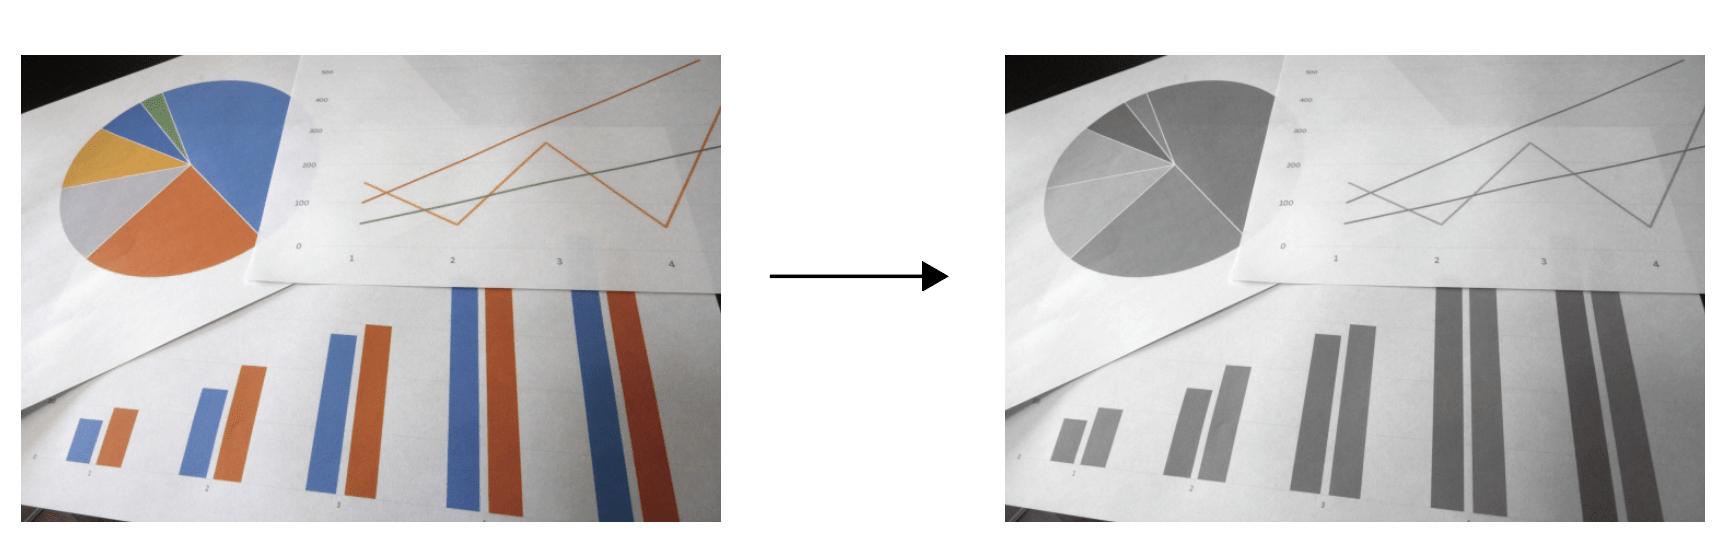 写真やイラスト、グラフなどフルカラーのグラフィックをモノクロに変換すると見え方ががらりと変わってしまいます。